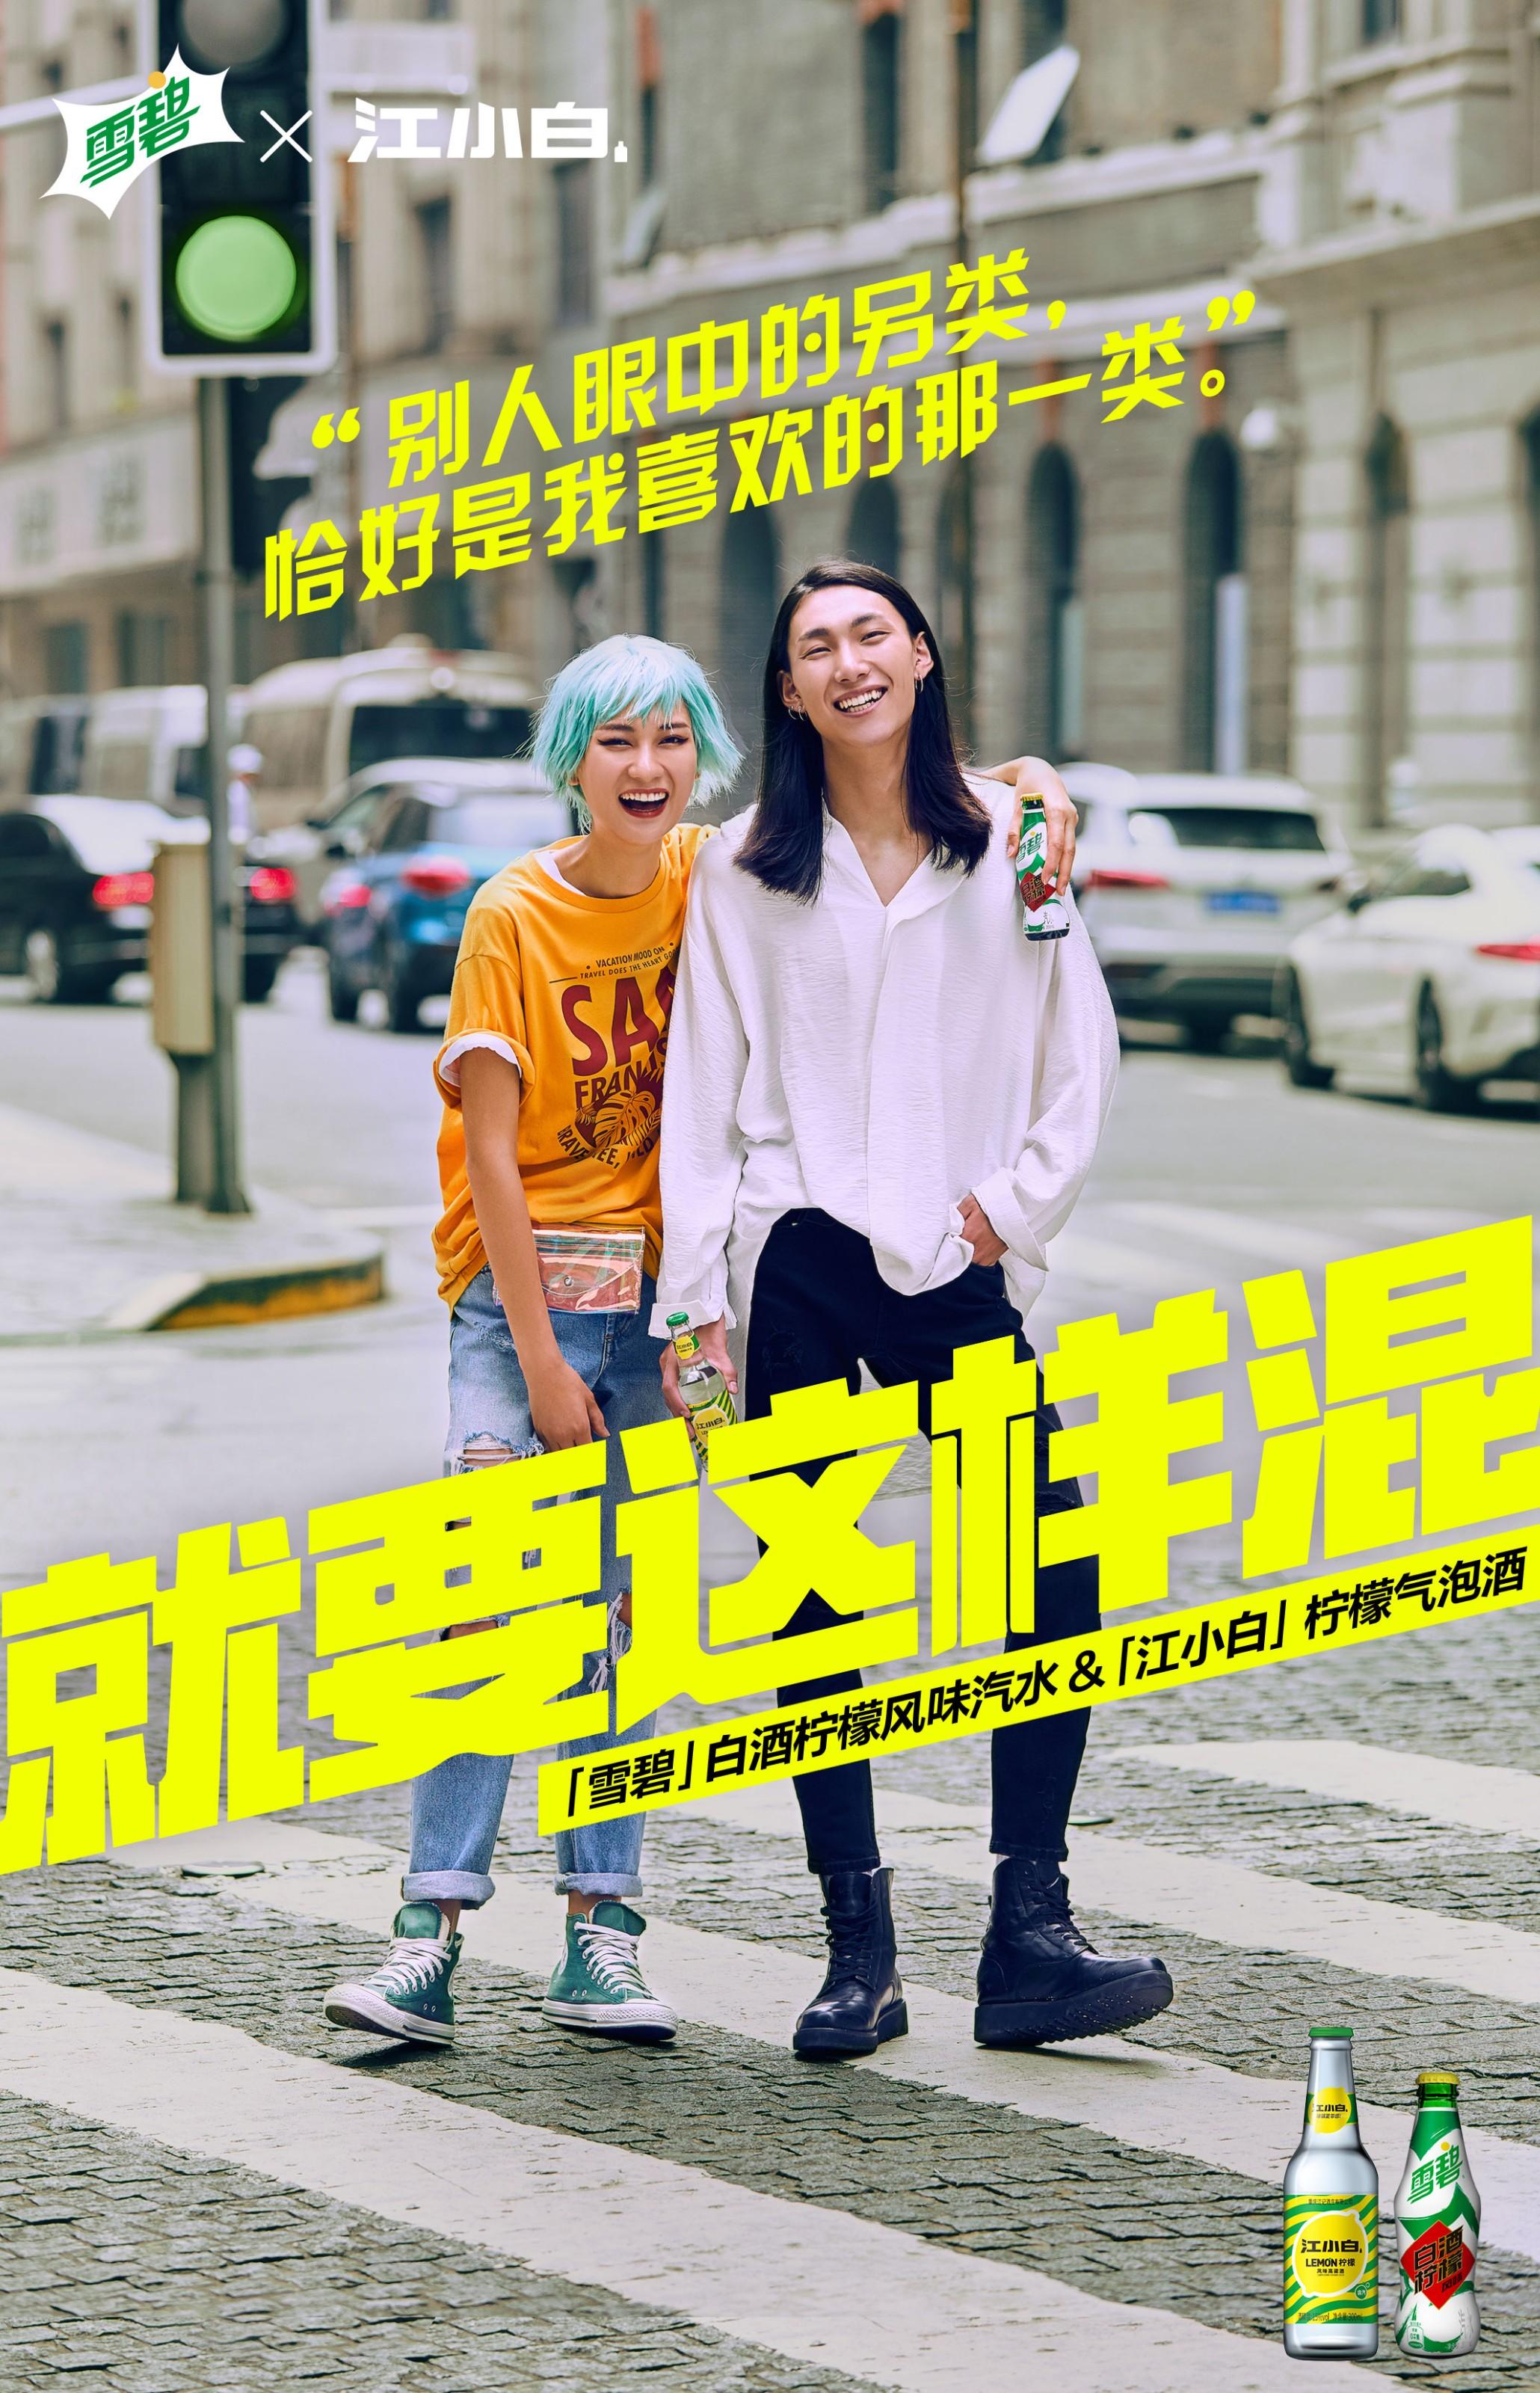 poster-0829-1.jpg